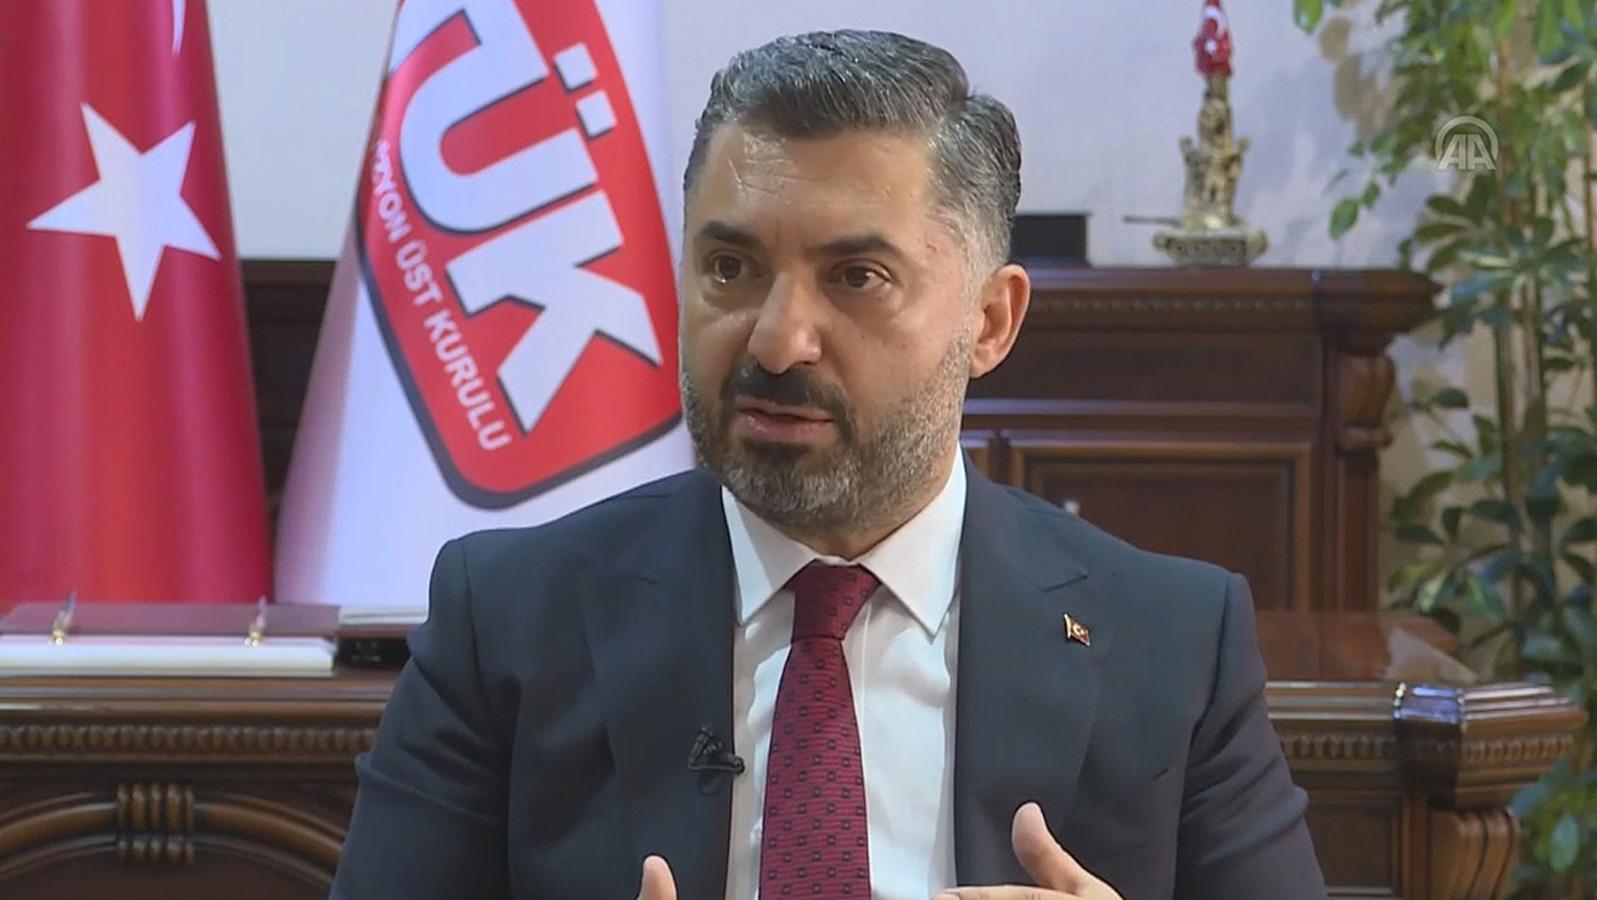 Skandal: RTÜK'ün beyanı doğru kabul edildi